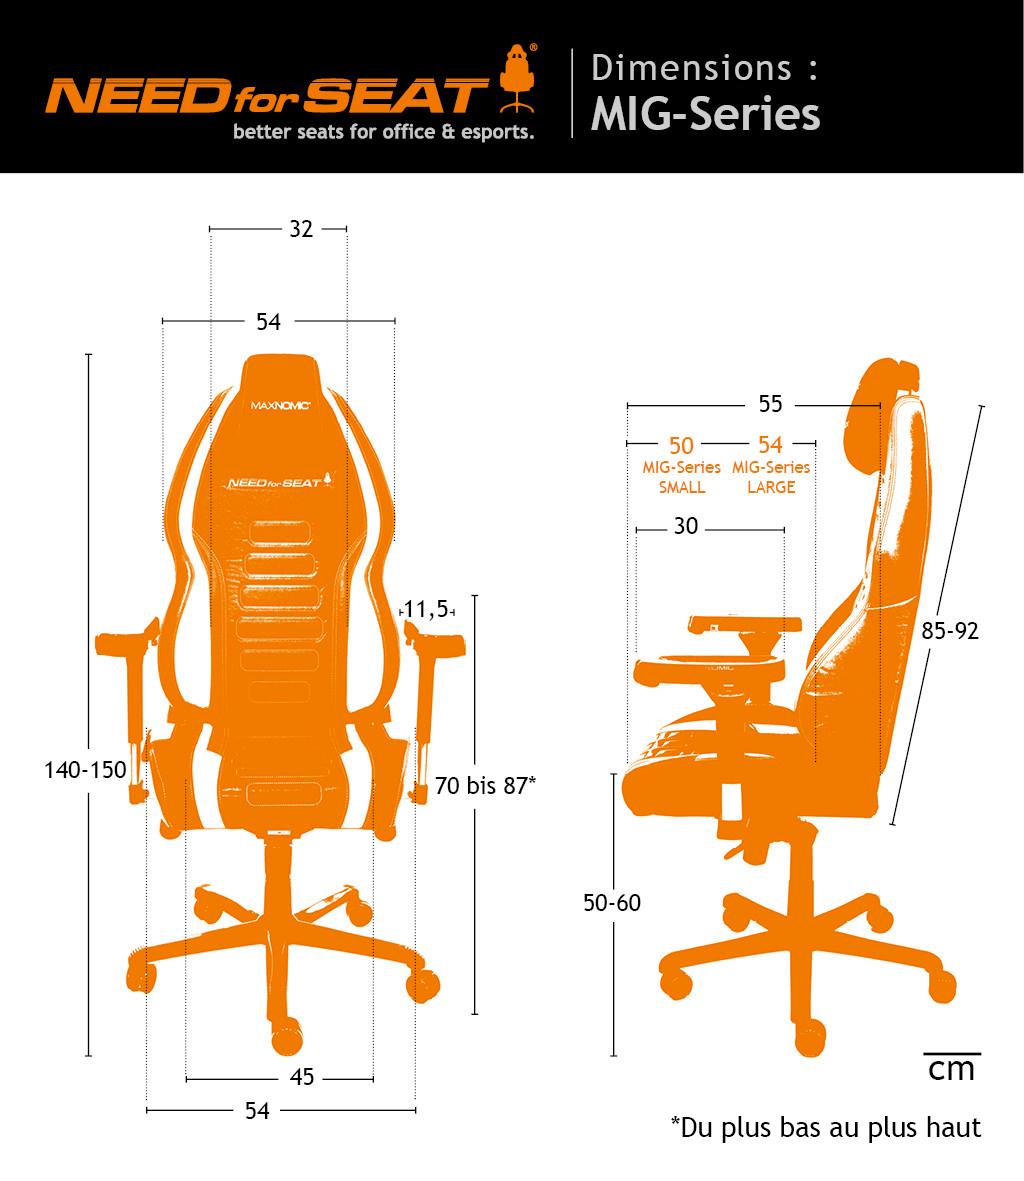 MIG-dimensions5c07e7c678ab4